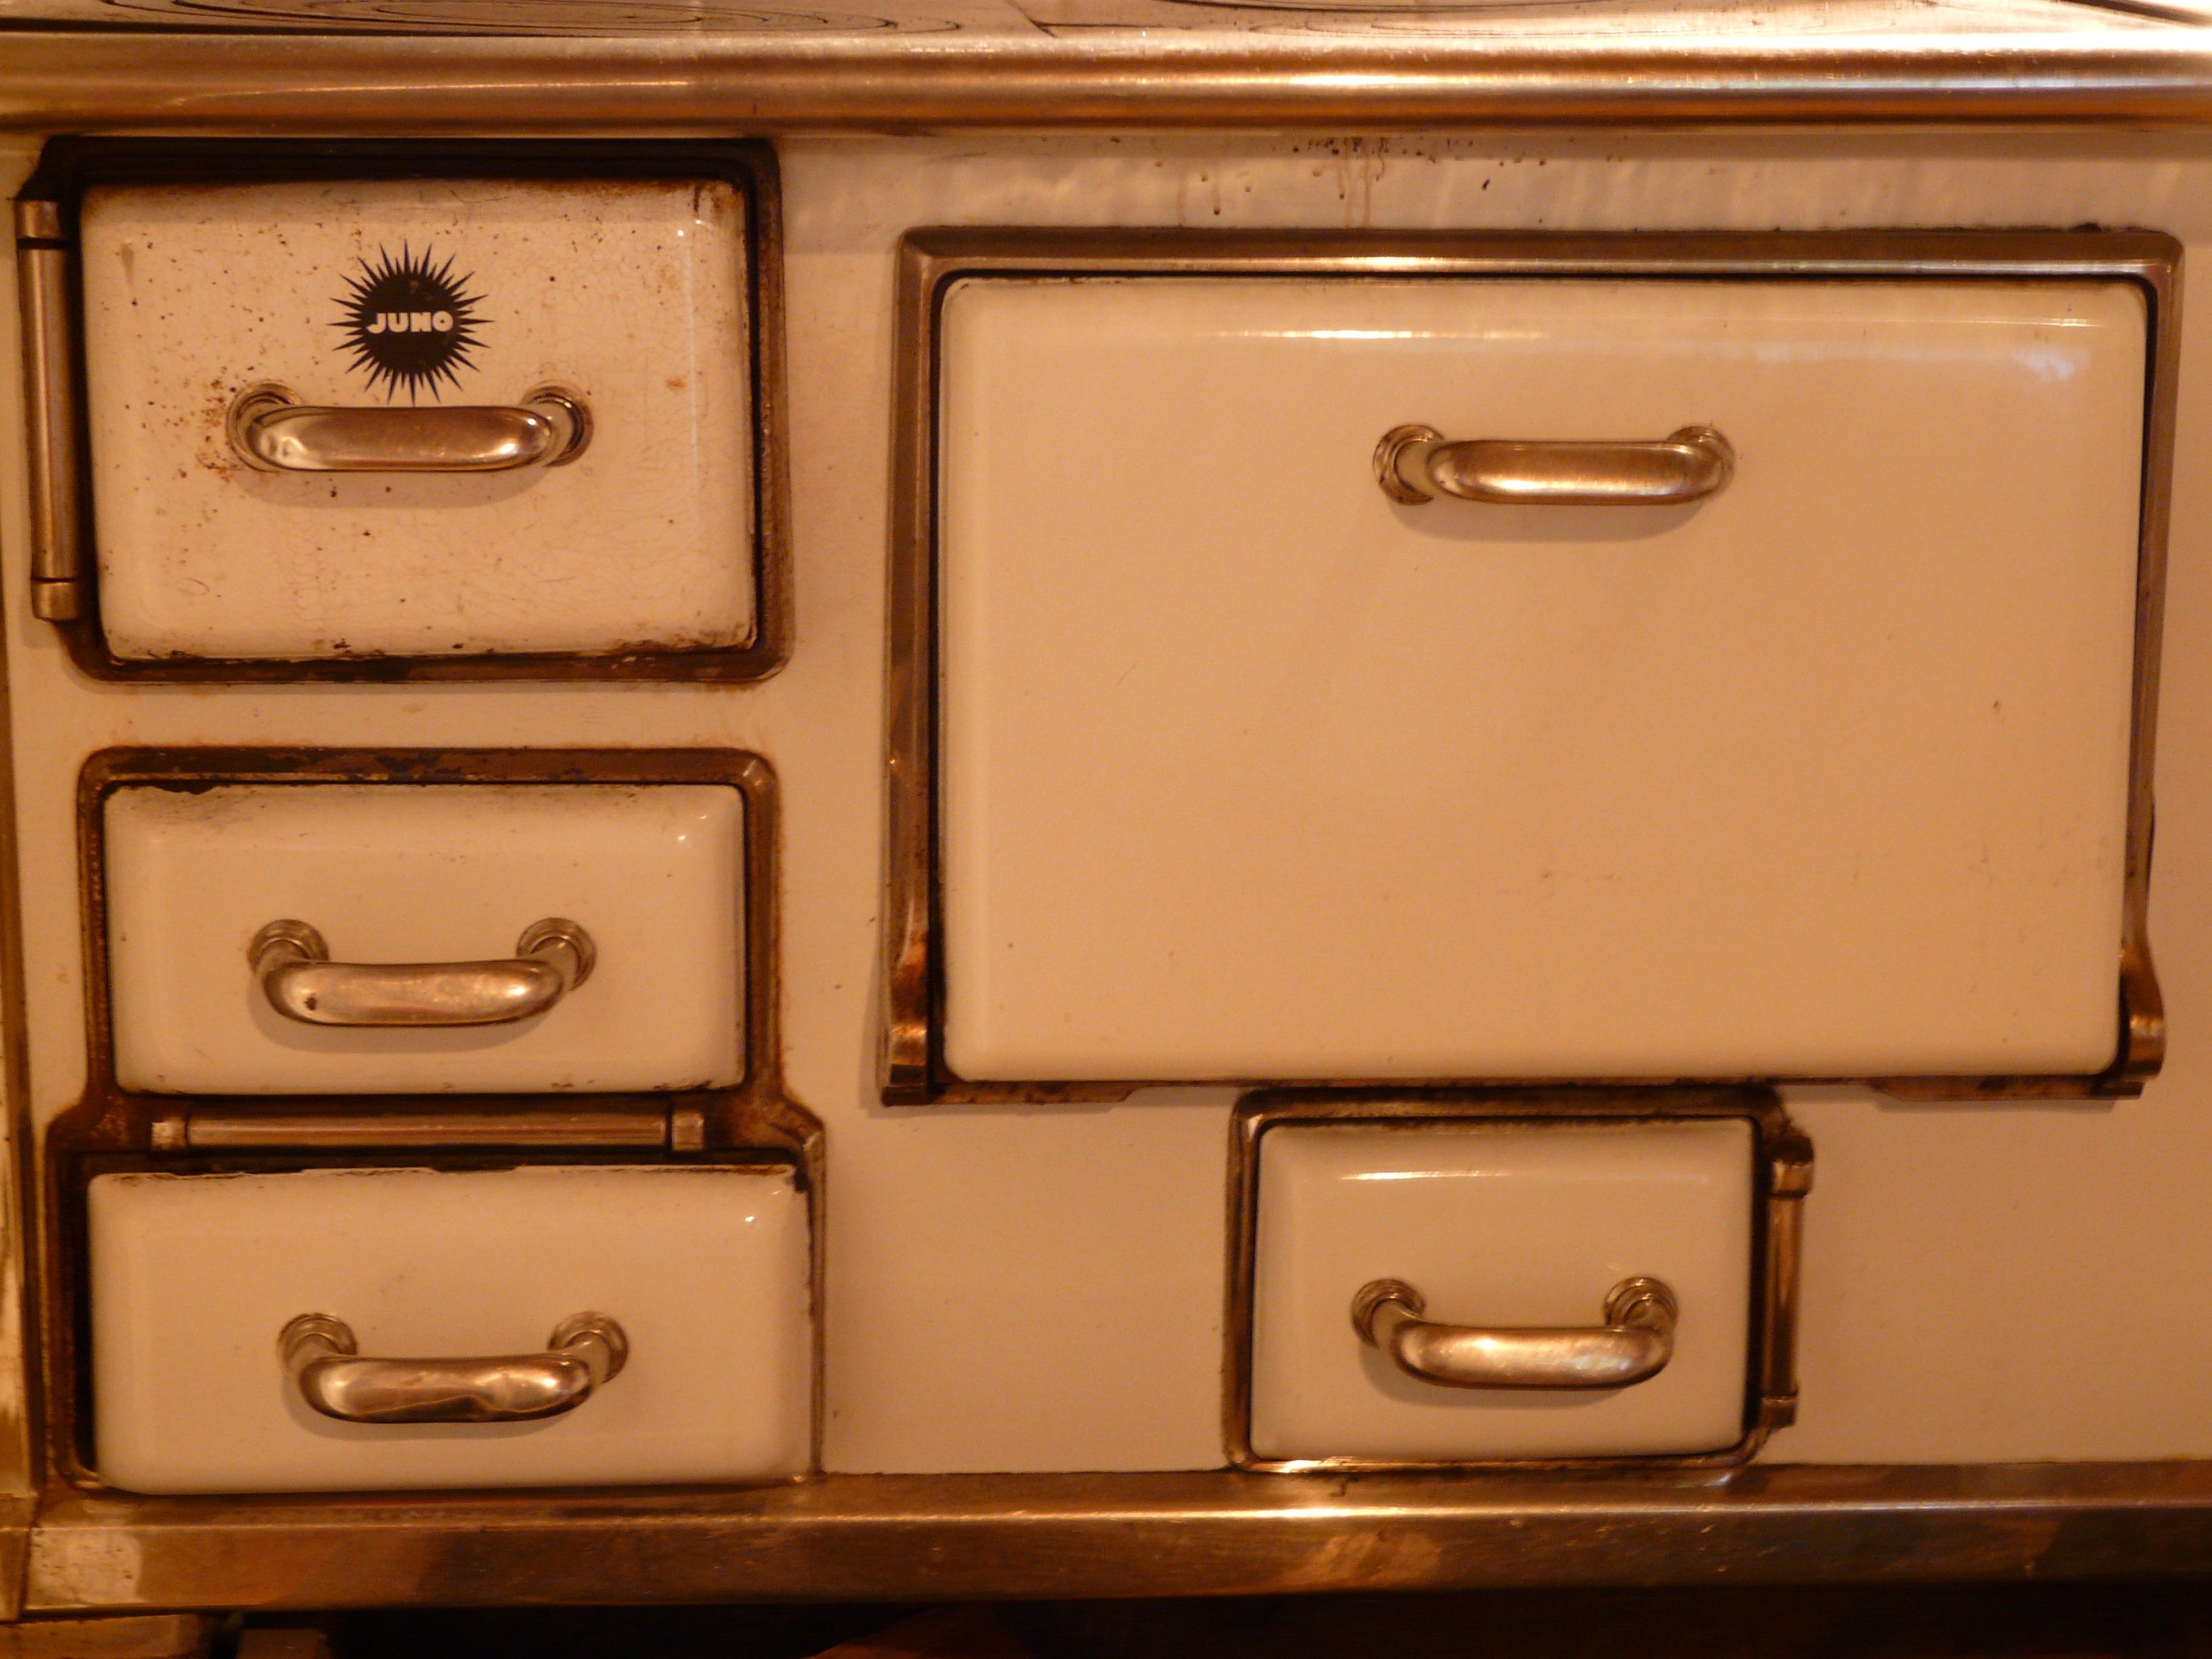 Tabelle Holz Weiß Antiquität Alt Küche Feuer Kamin Sinken Möbel Hitze Koch  Herd Brust Schublade Türen